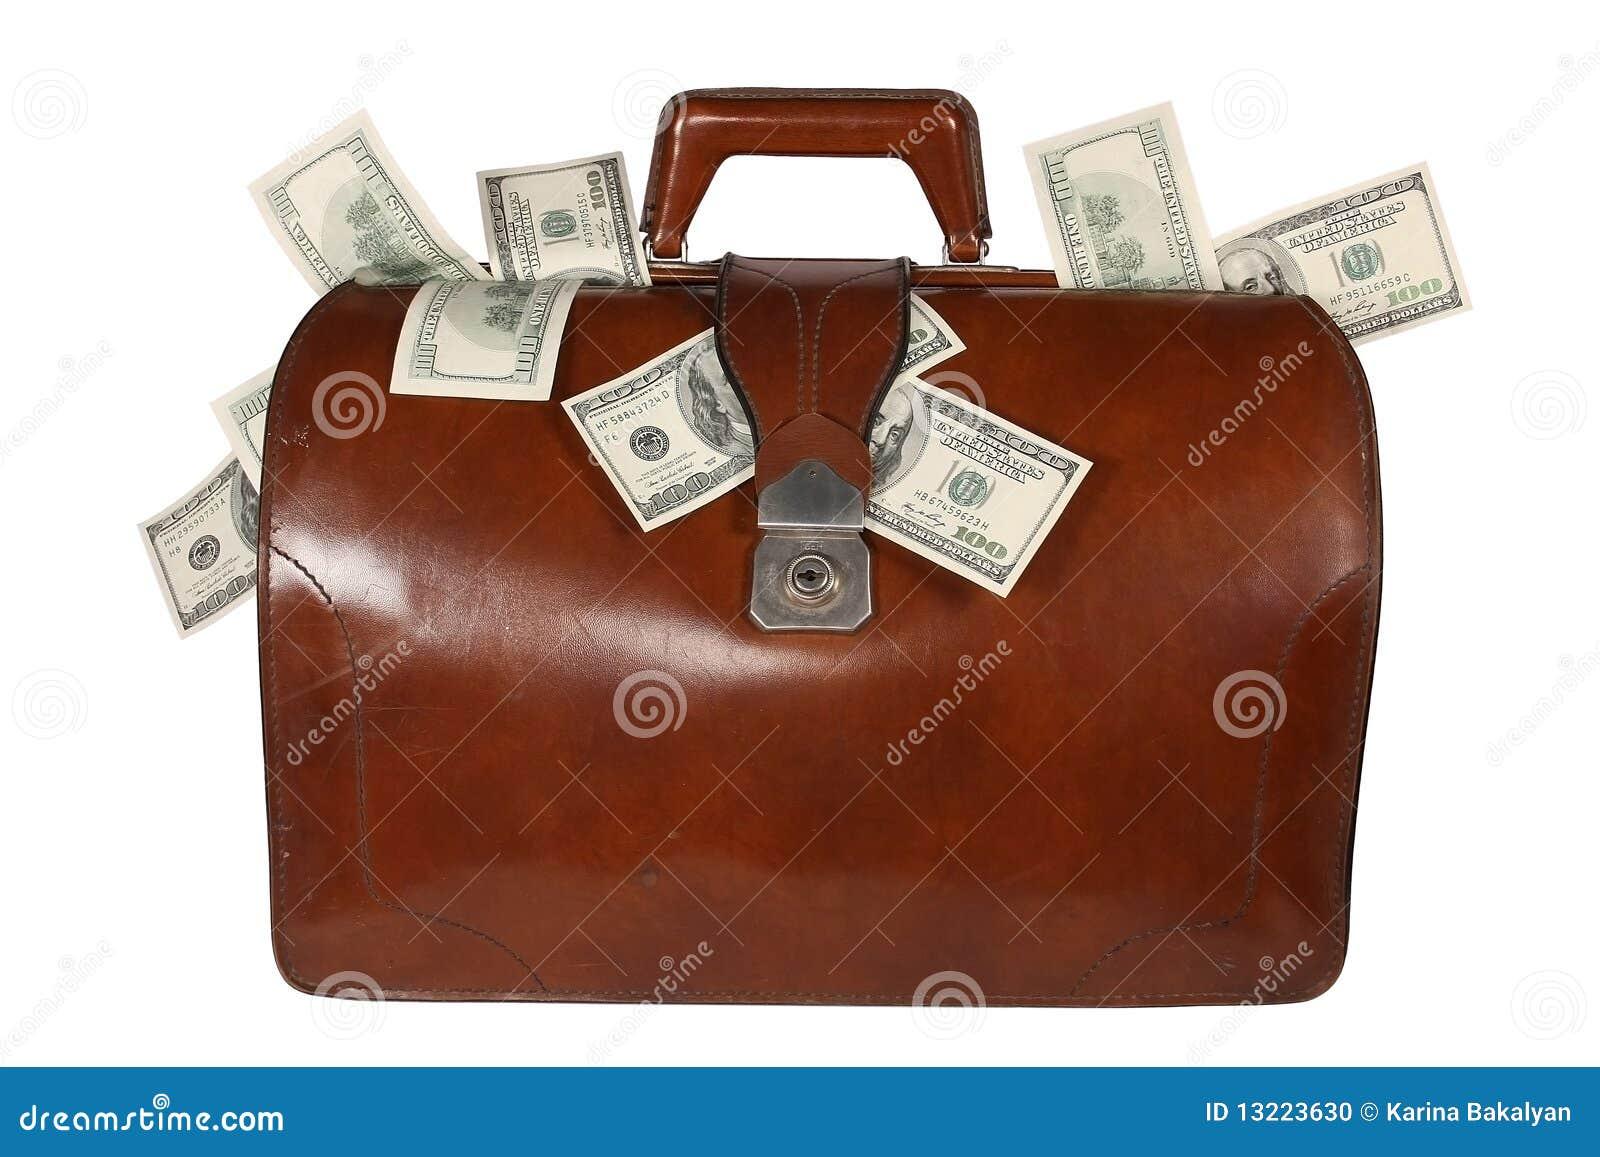 Meritor Savings Bank, FSB v. Vinson